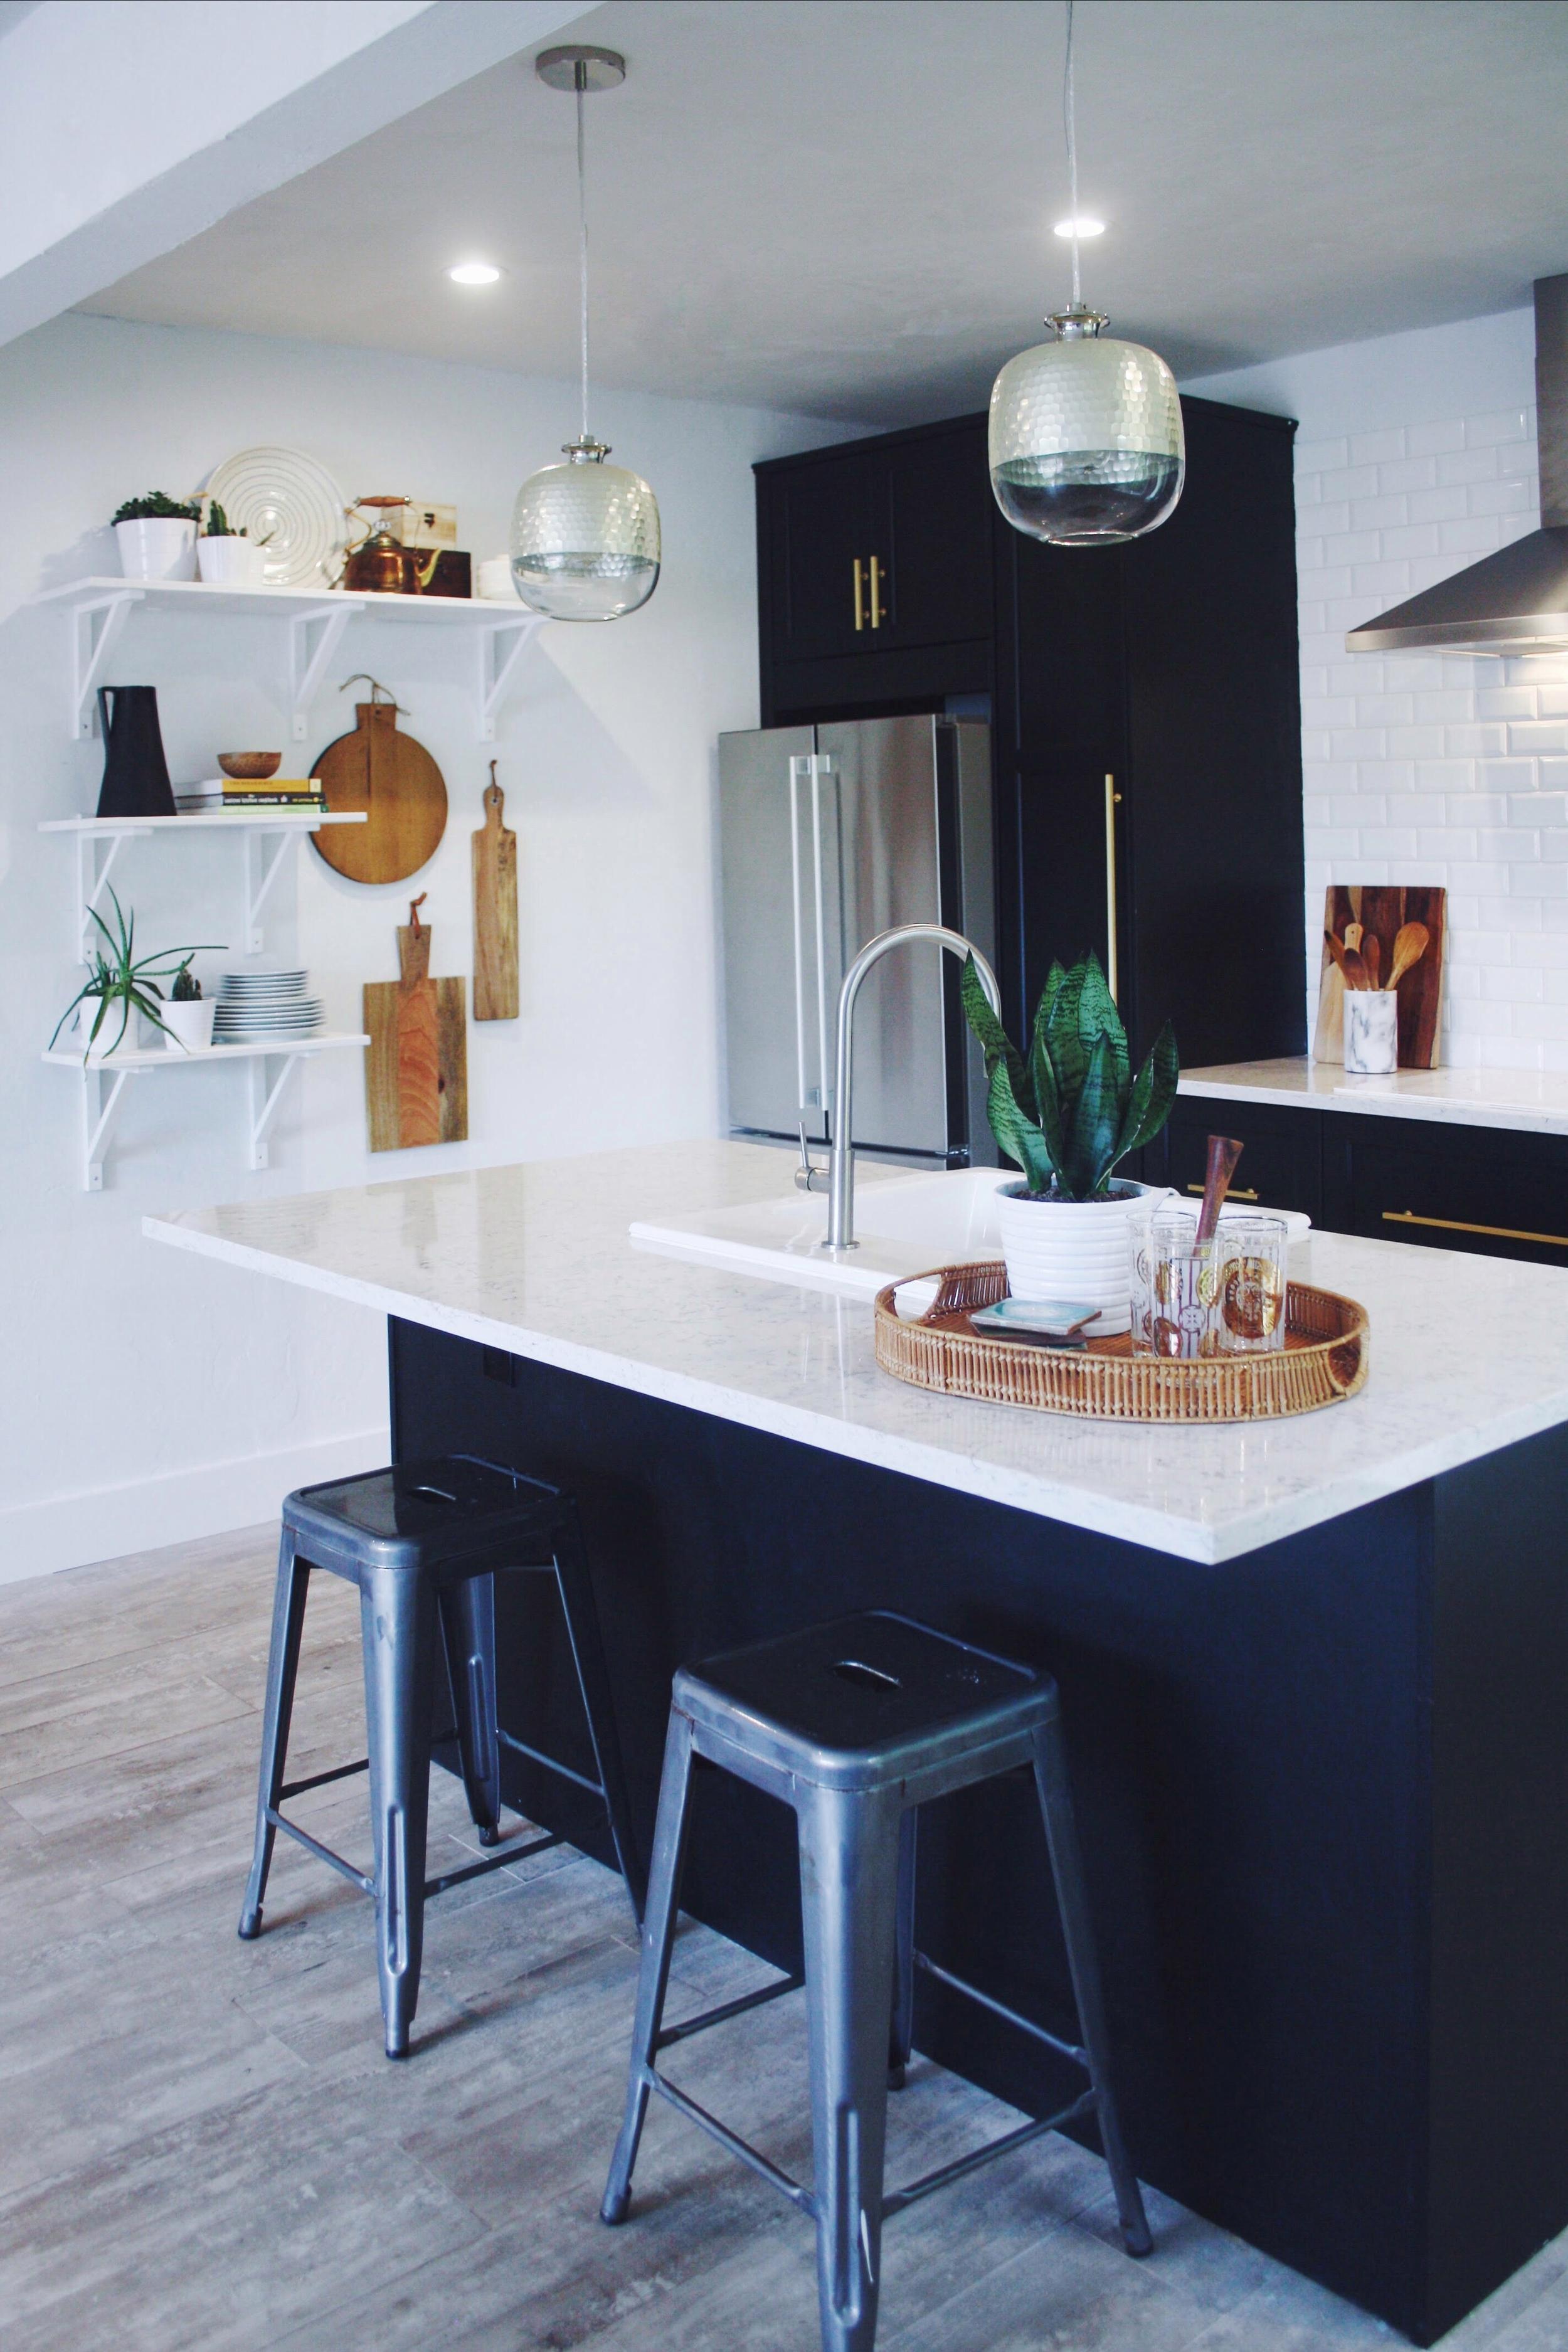 north miami kitchen remodel - the habitat collective - www.thehabco.com